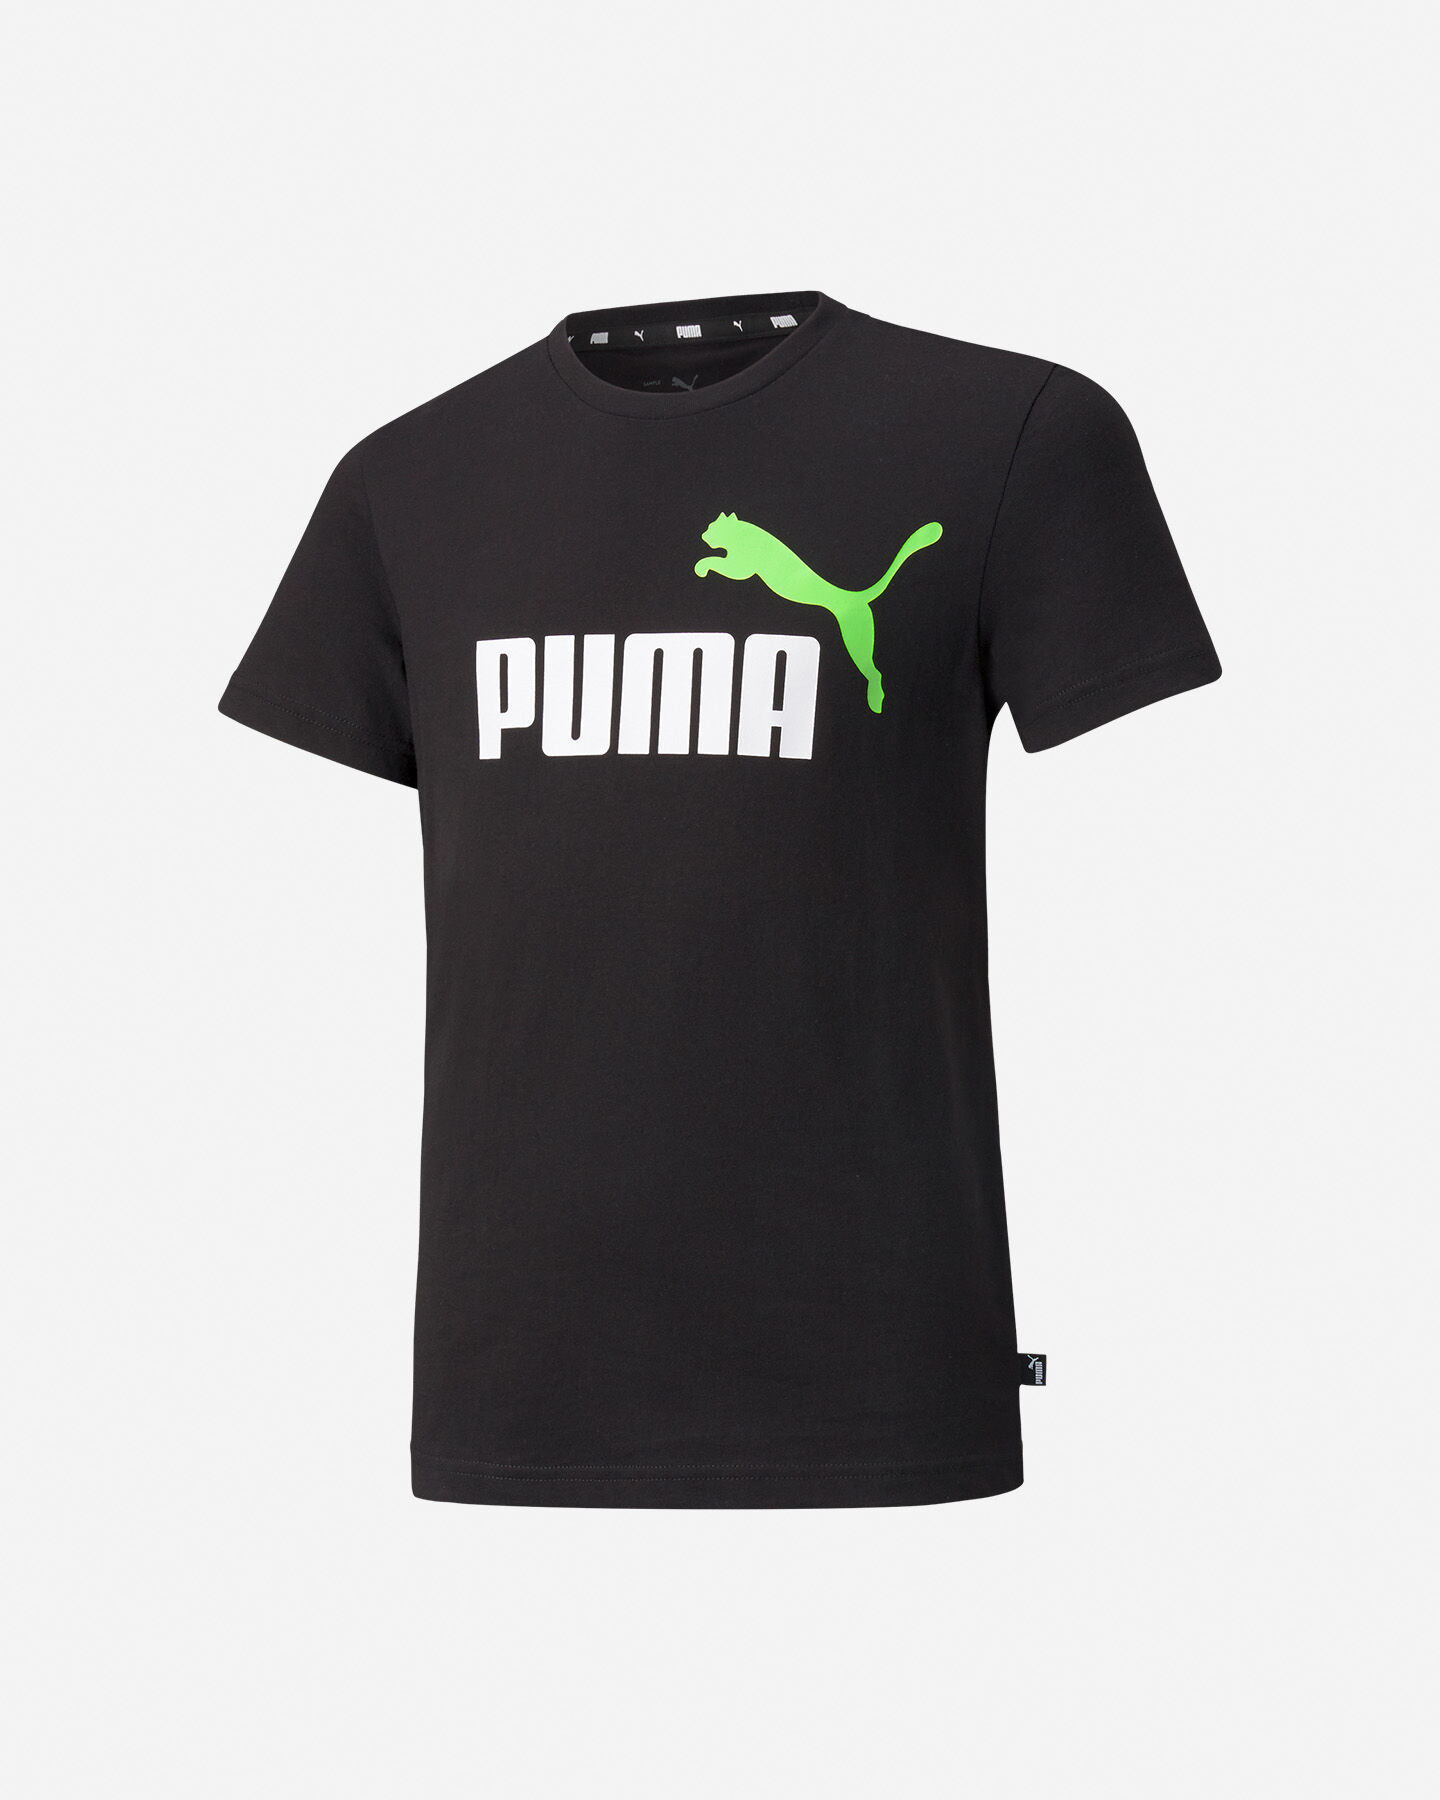 T-Shirt PUMA FLASH JR S5333999 scatto 0